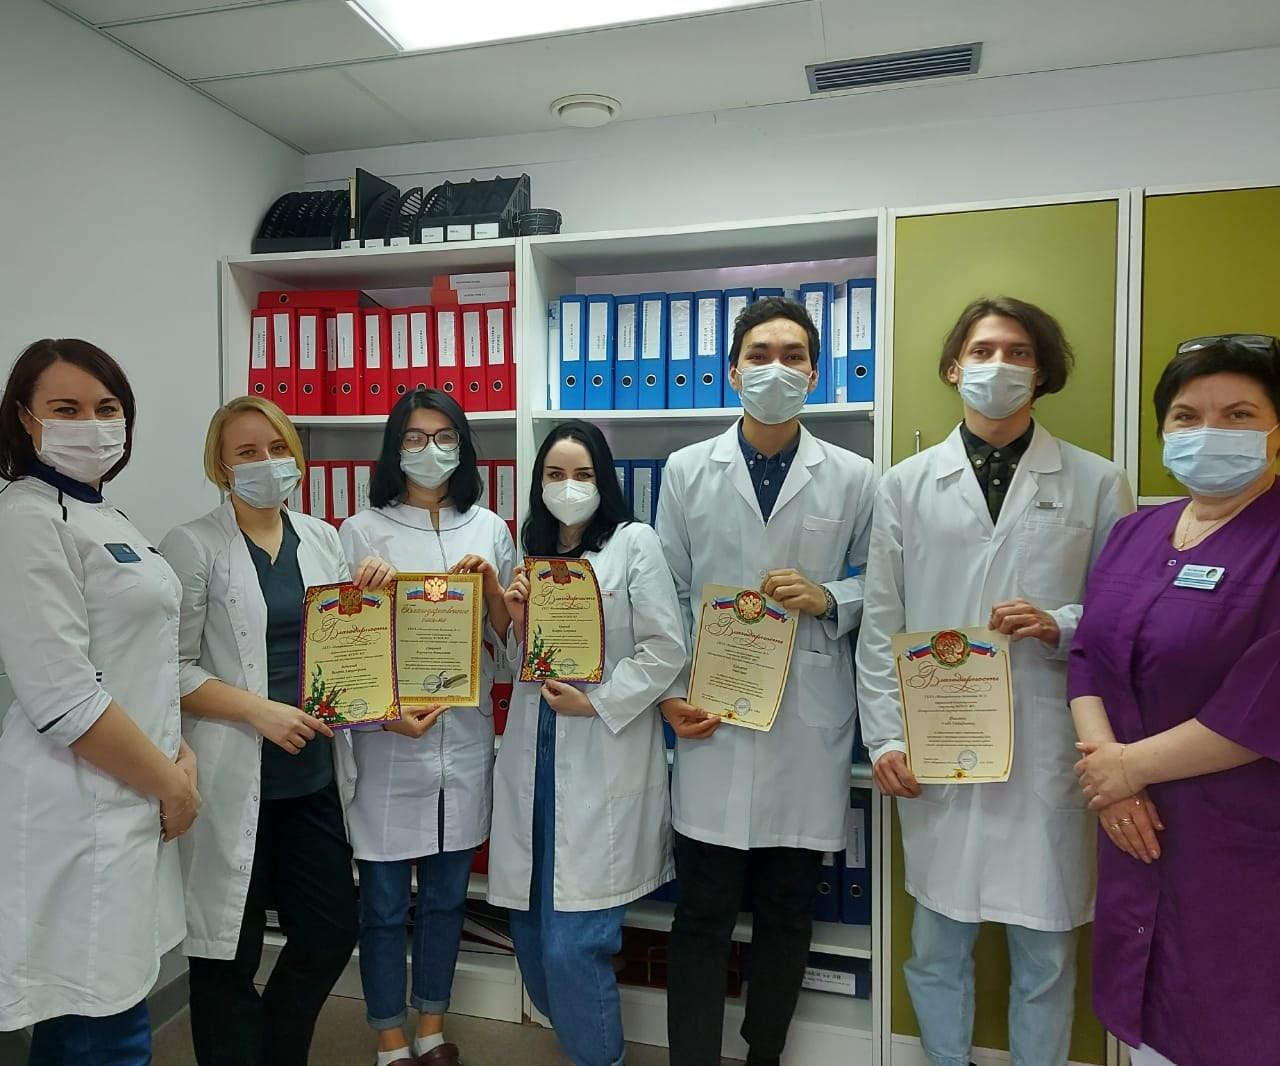 Костомукша больница студенты